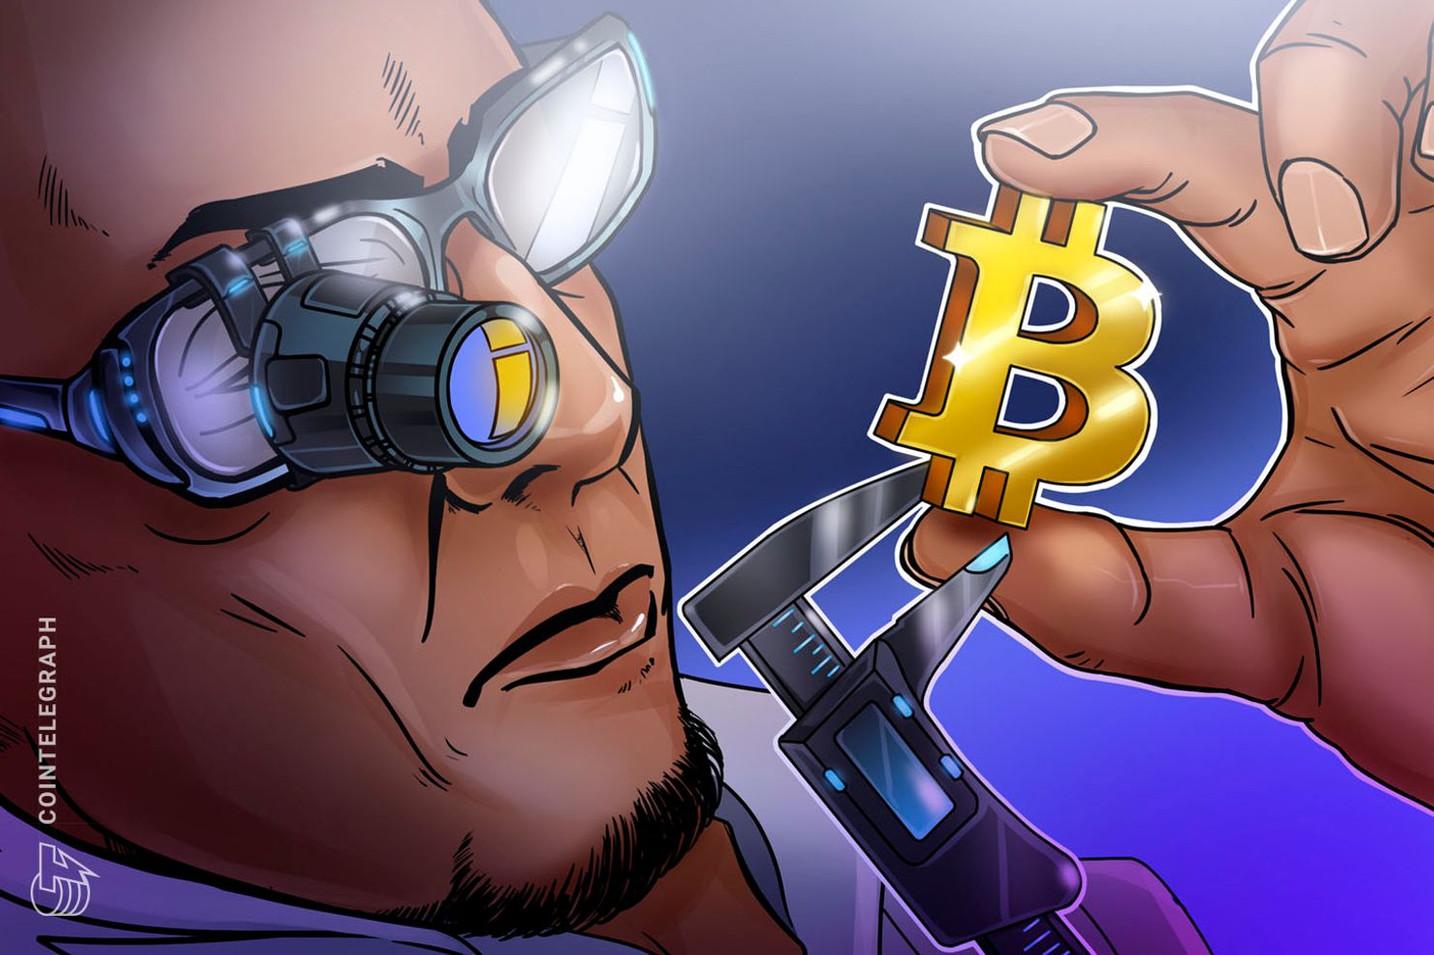 ビットコインの上昇はまだ続くか| 投資家はHODL継続、売却の動き見られず【仮想通貨相場】